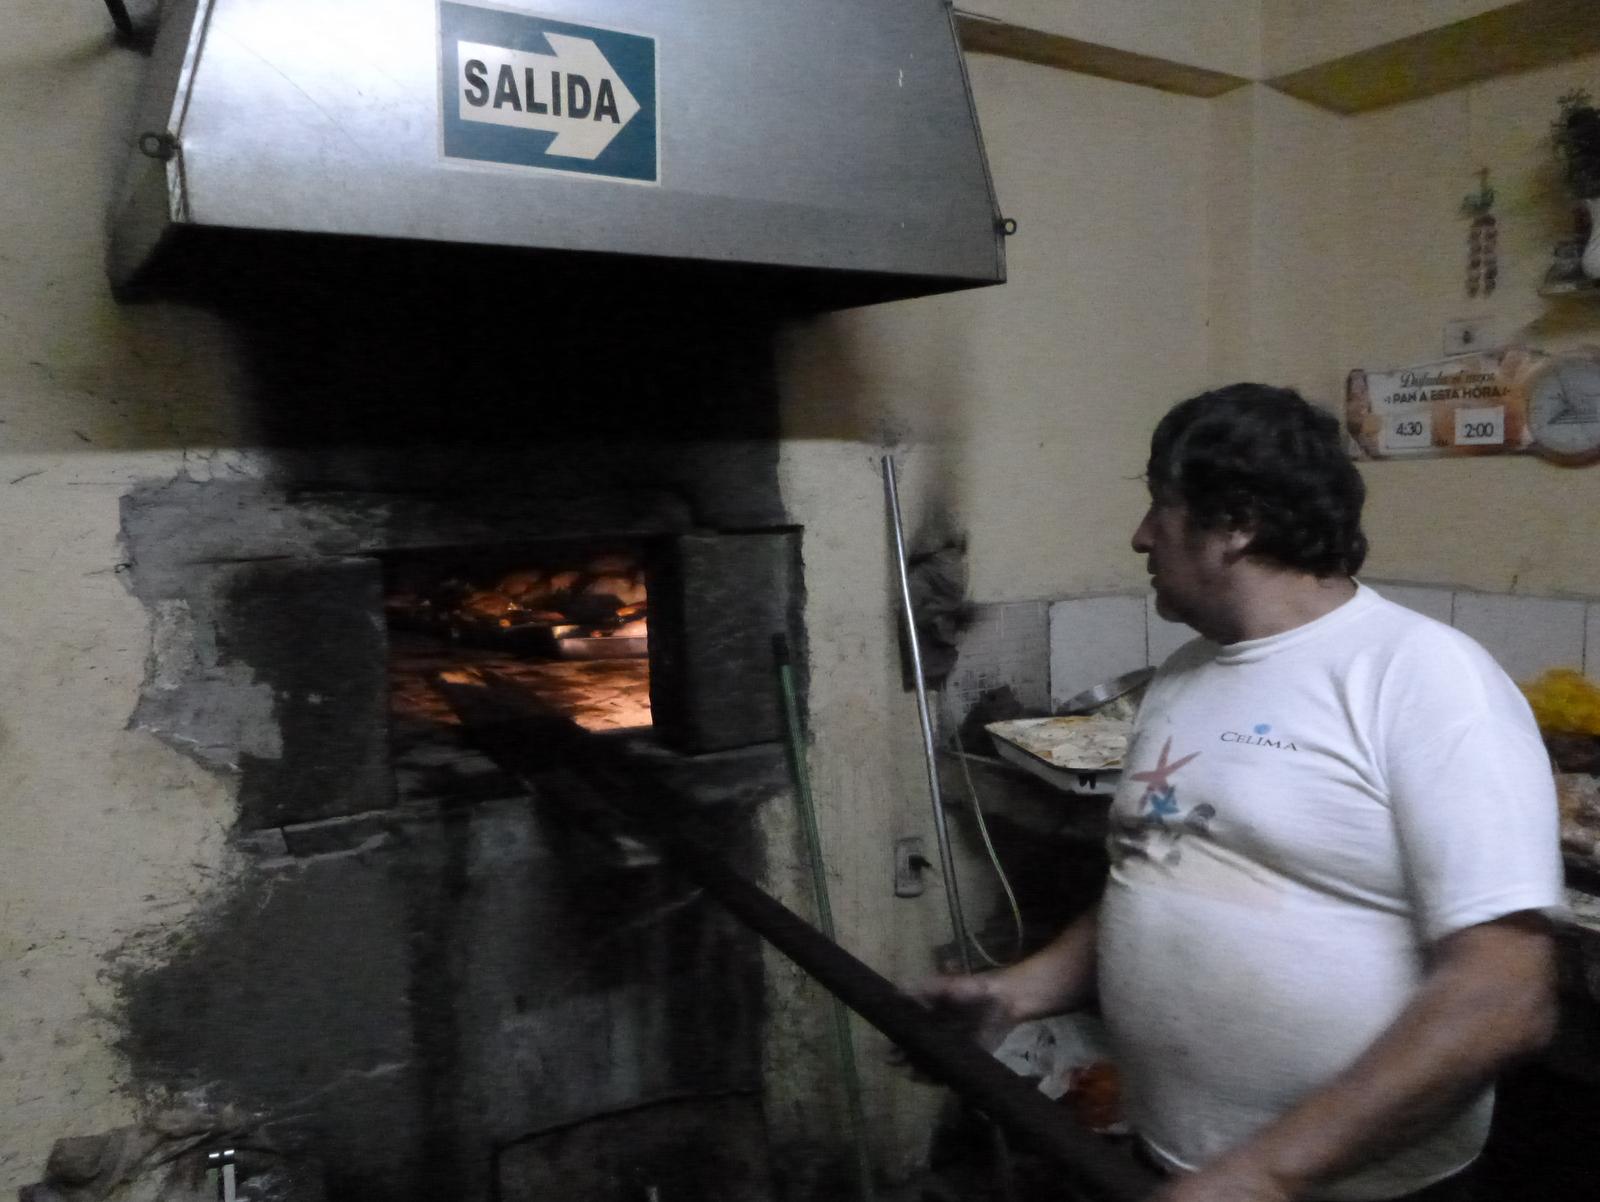 21 in de oven zien we al meerdere kalkoenen